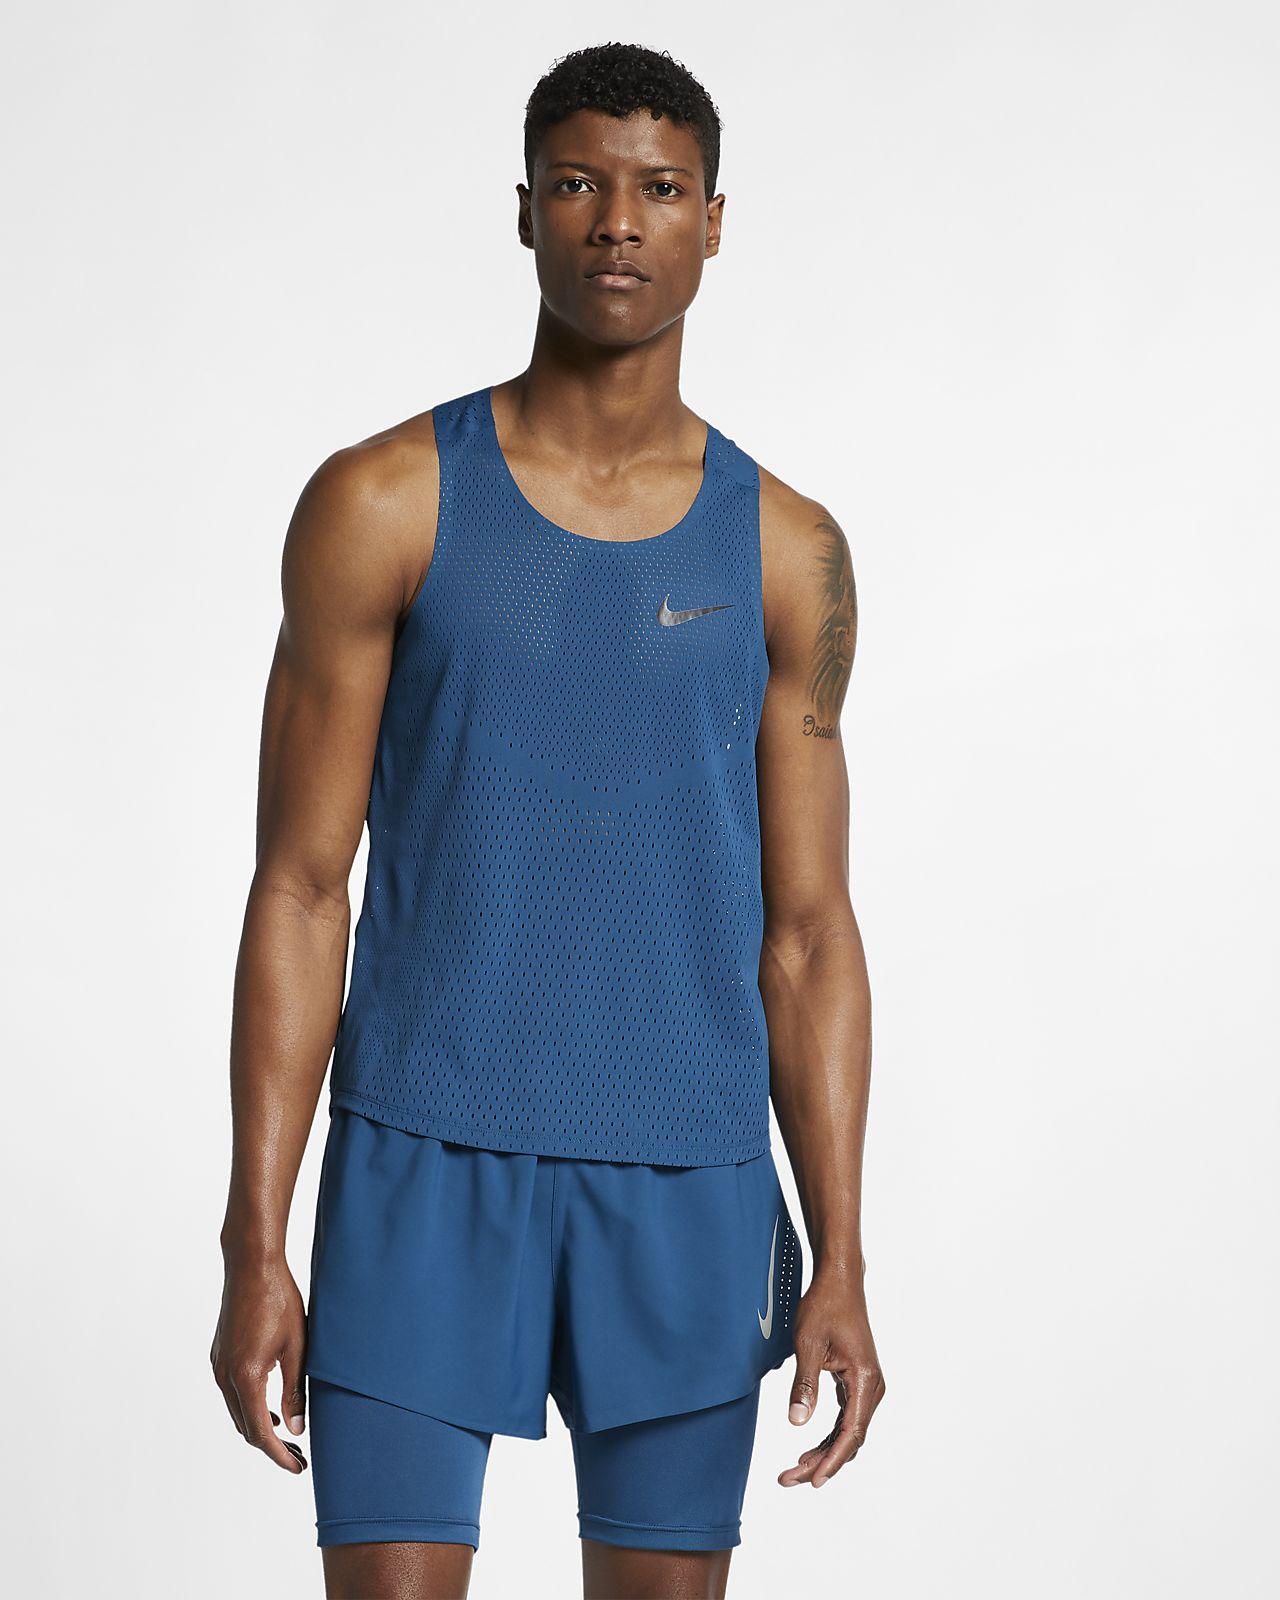 Męska koszulka bez rękawów do biegania Nike AeroSwift Berlin